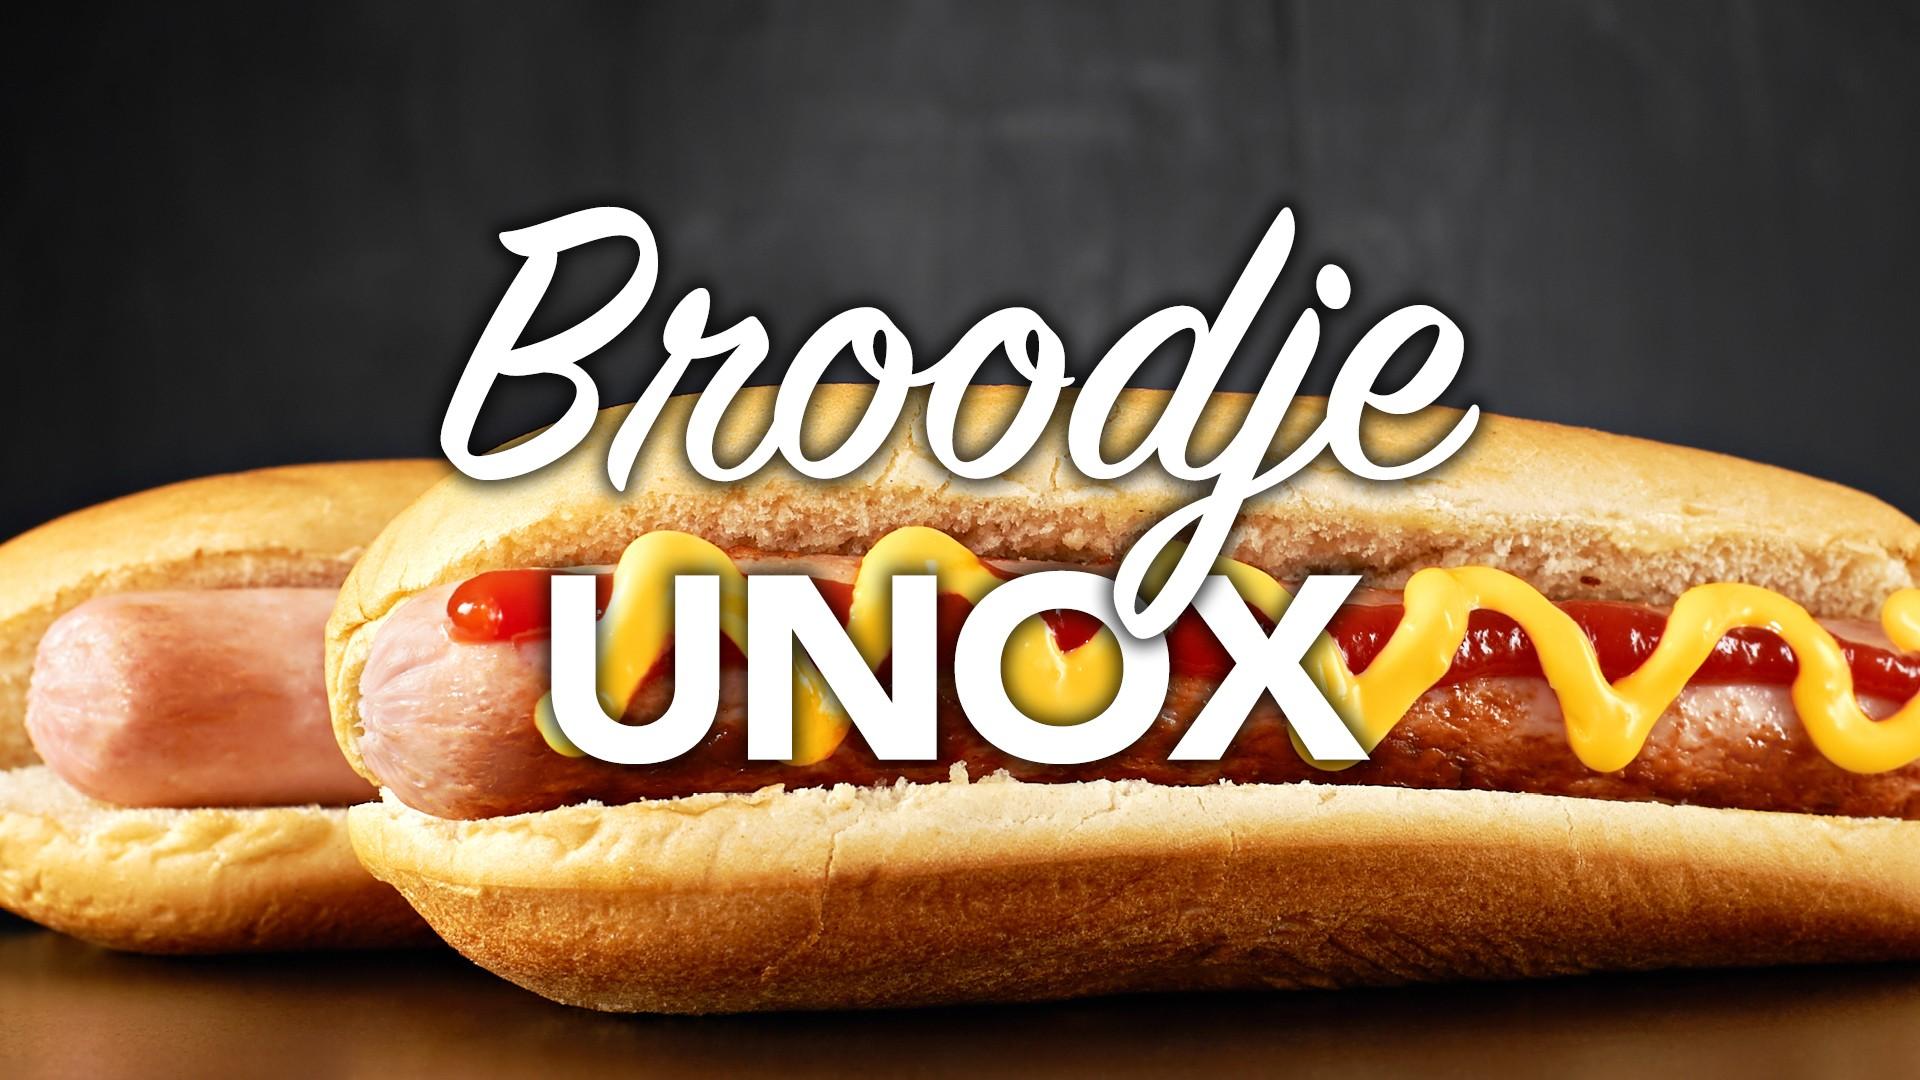 Broodje-Unox_maart20.jpg